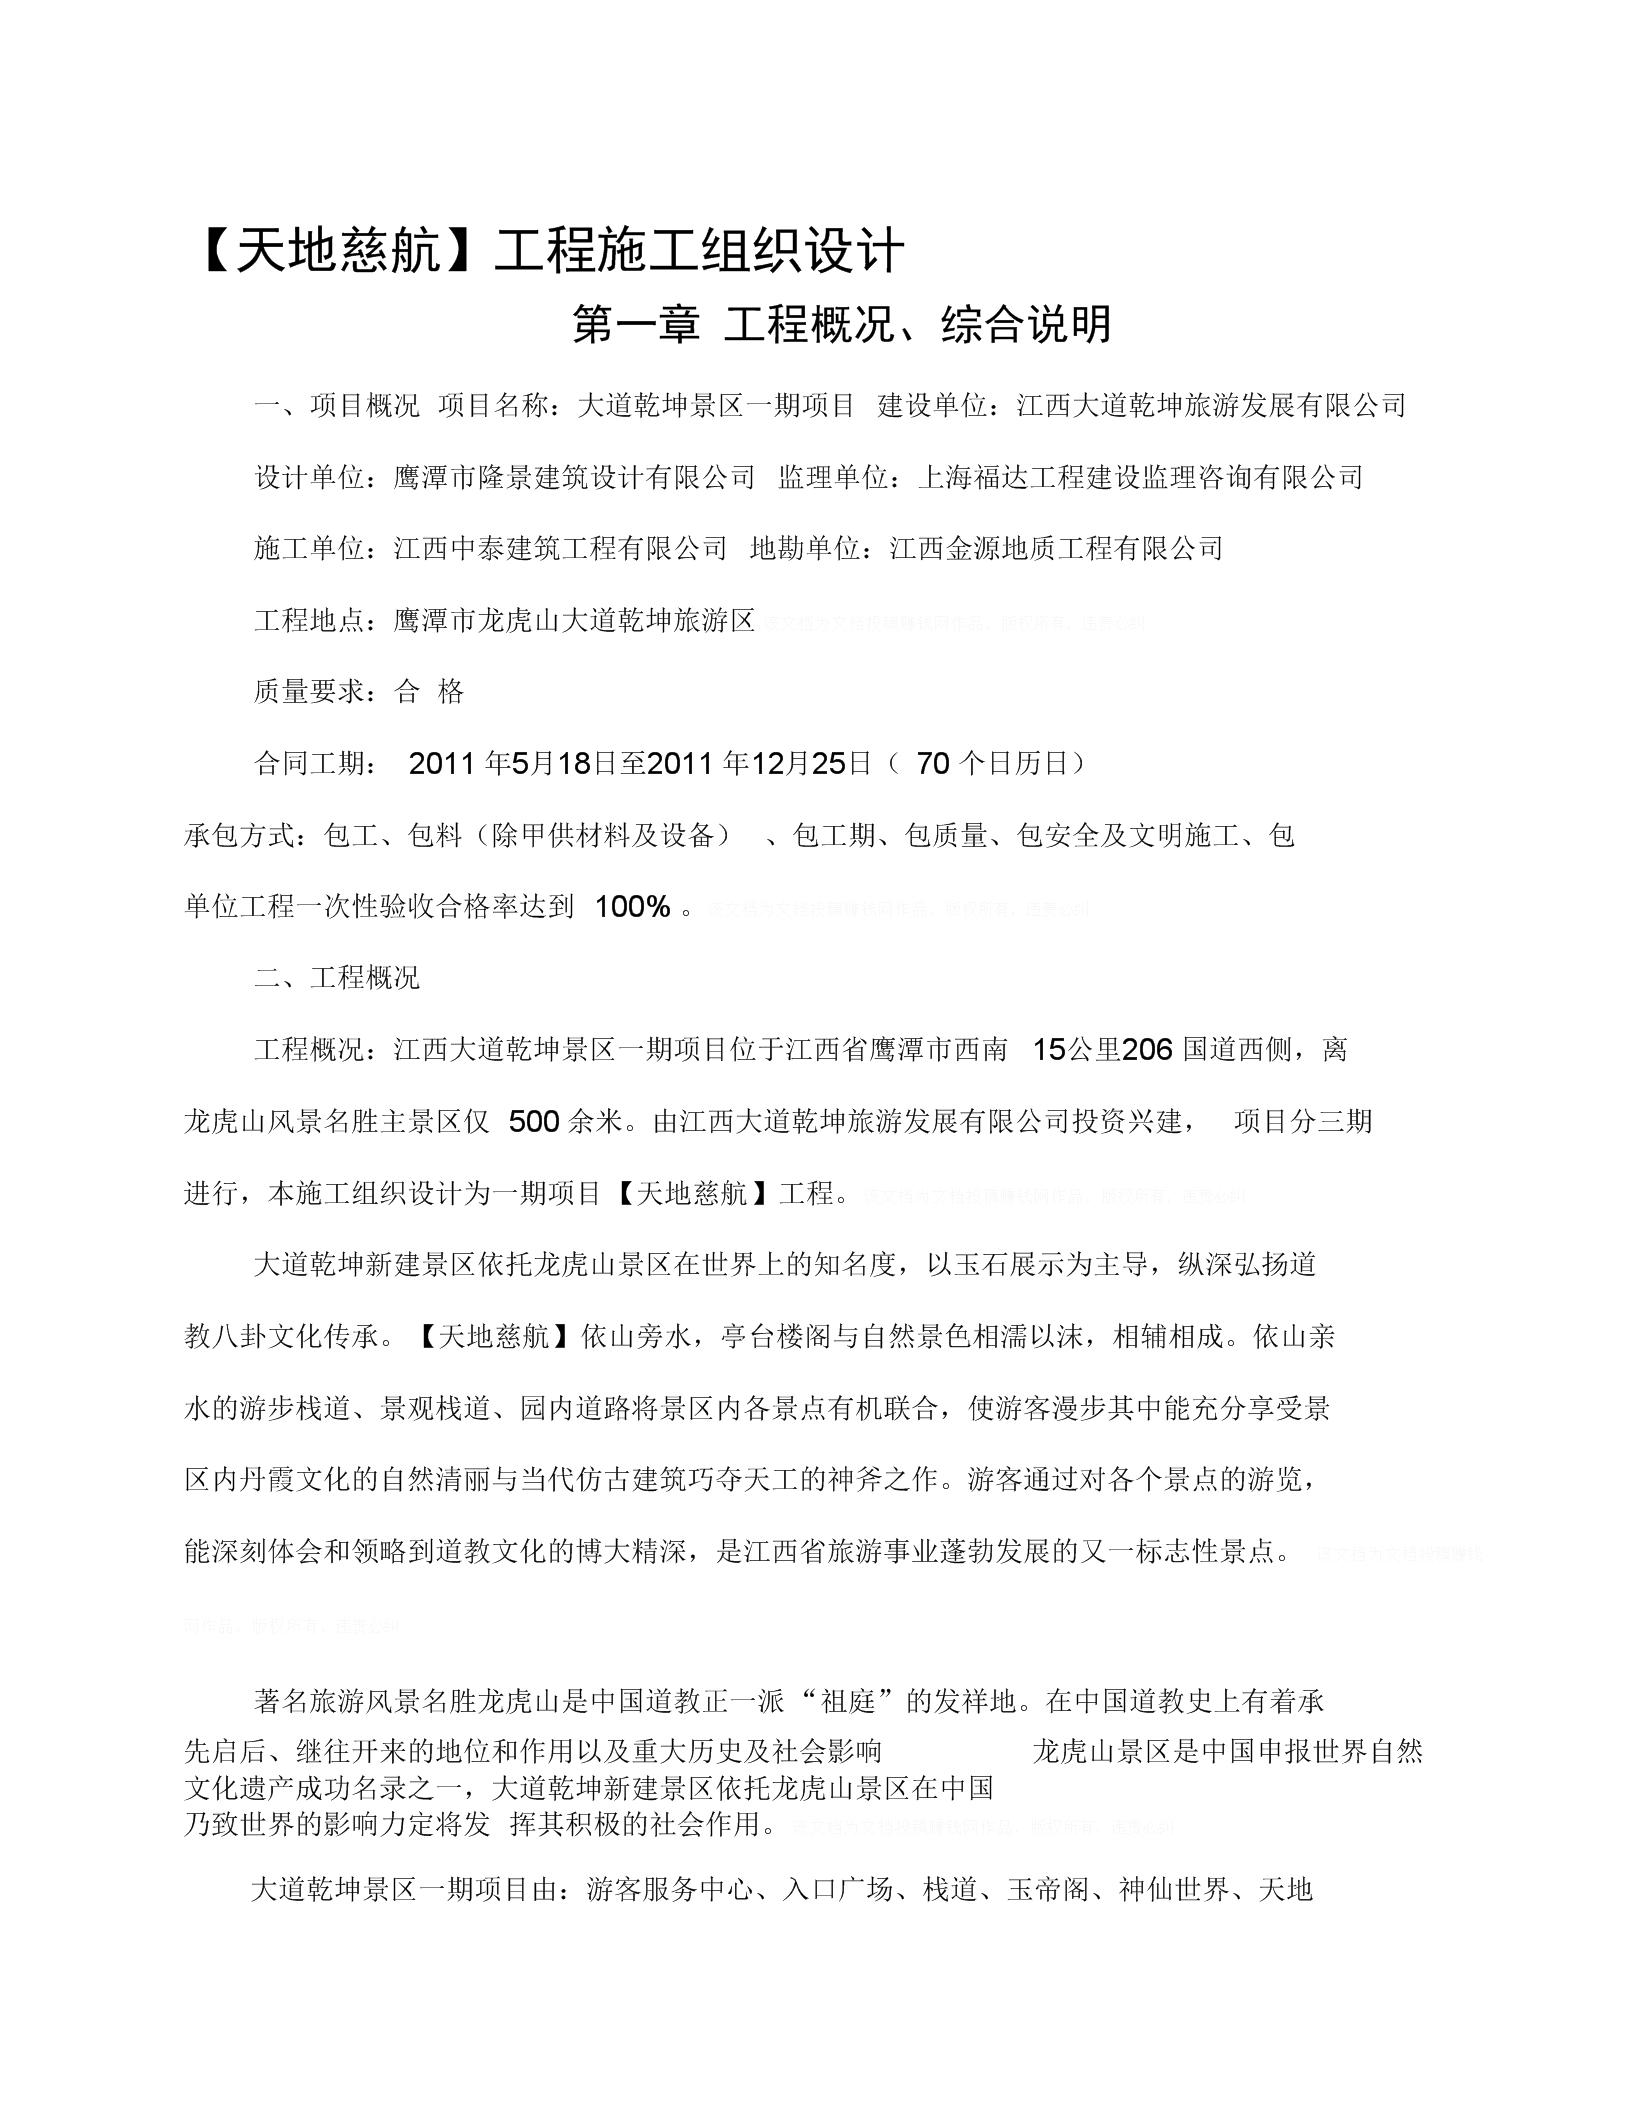 天地慈航工程施工组织设计.docx